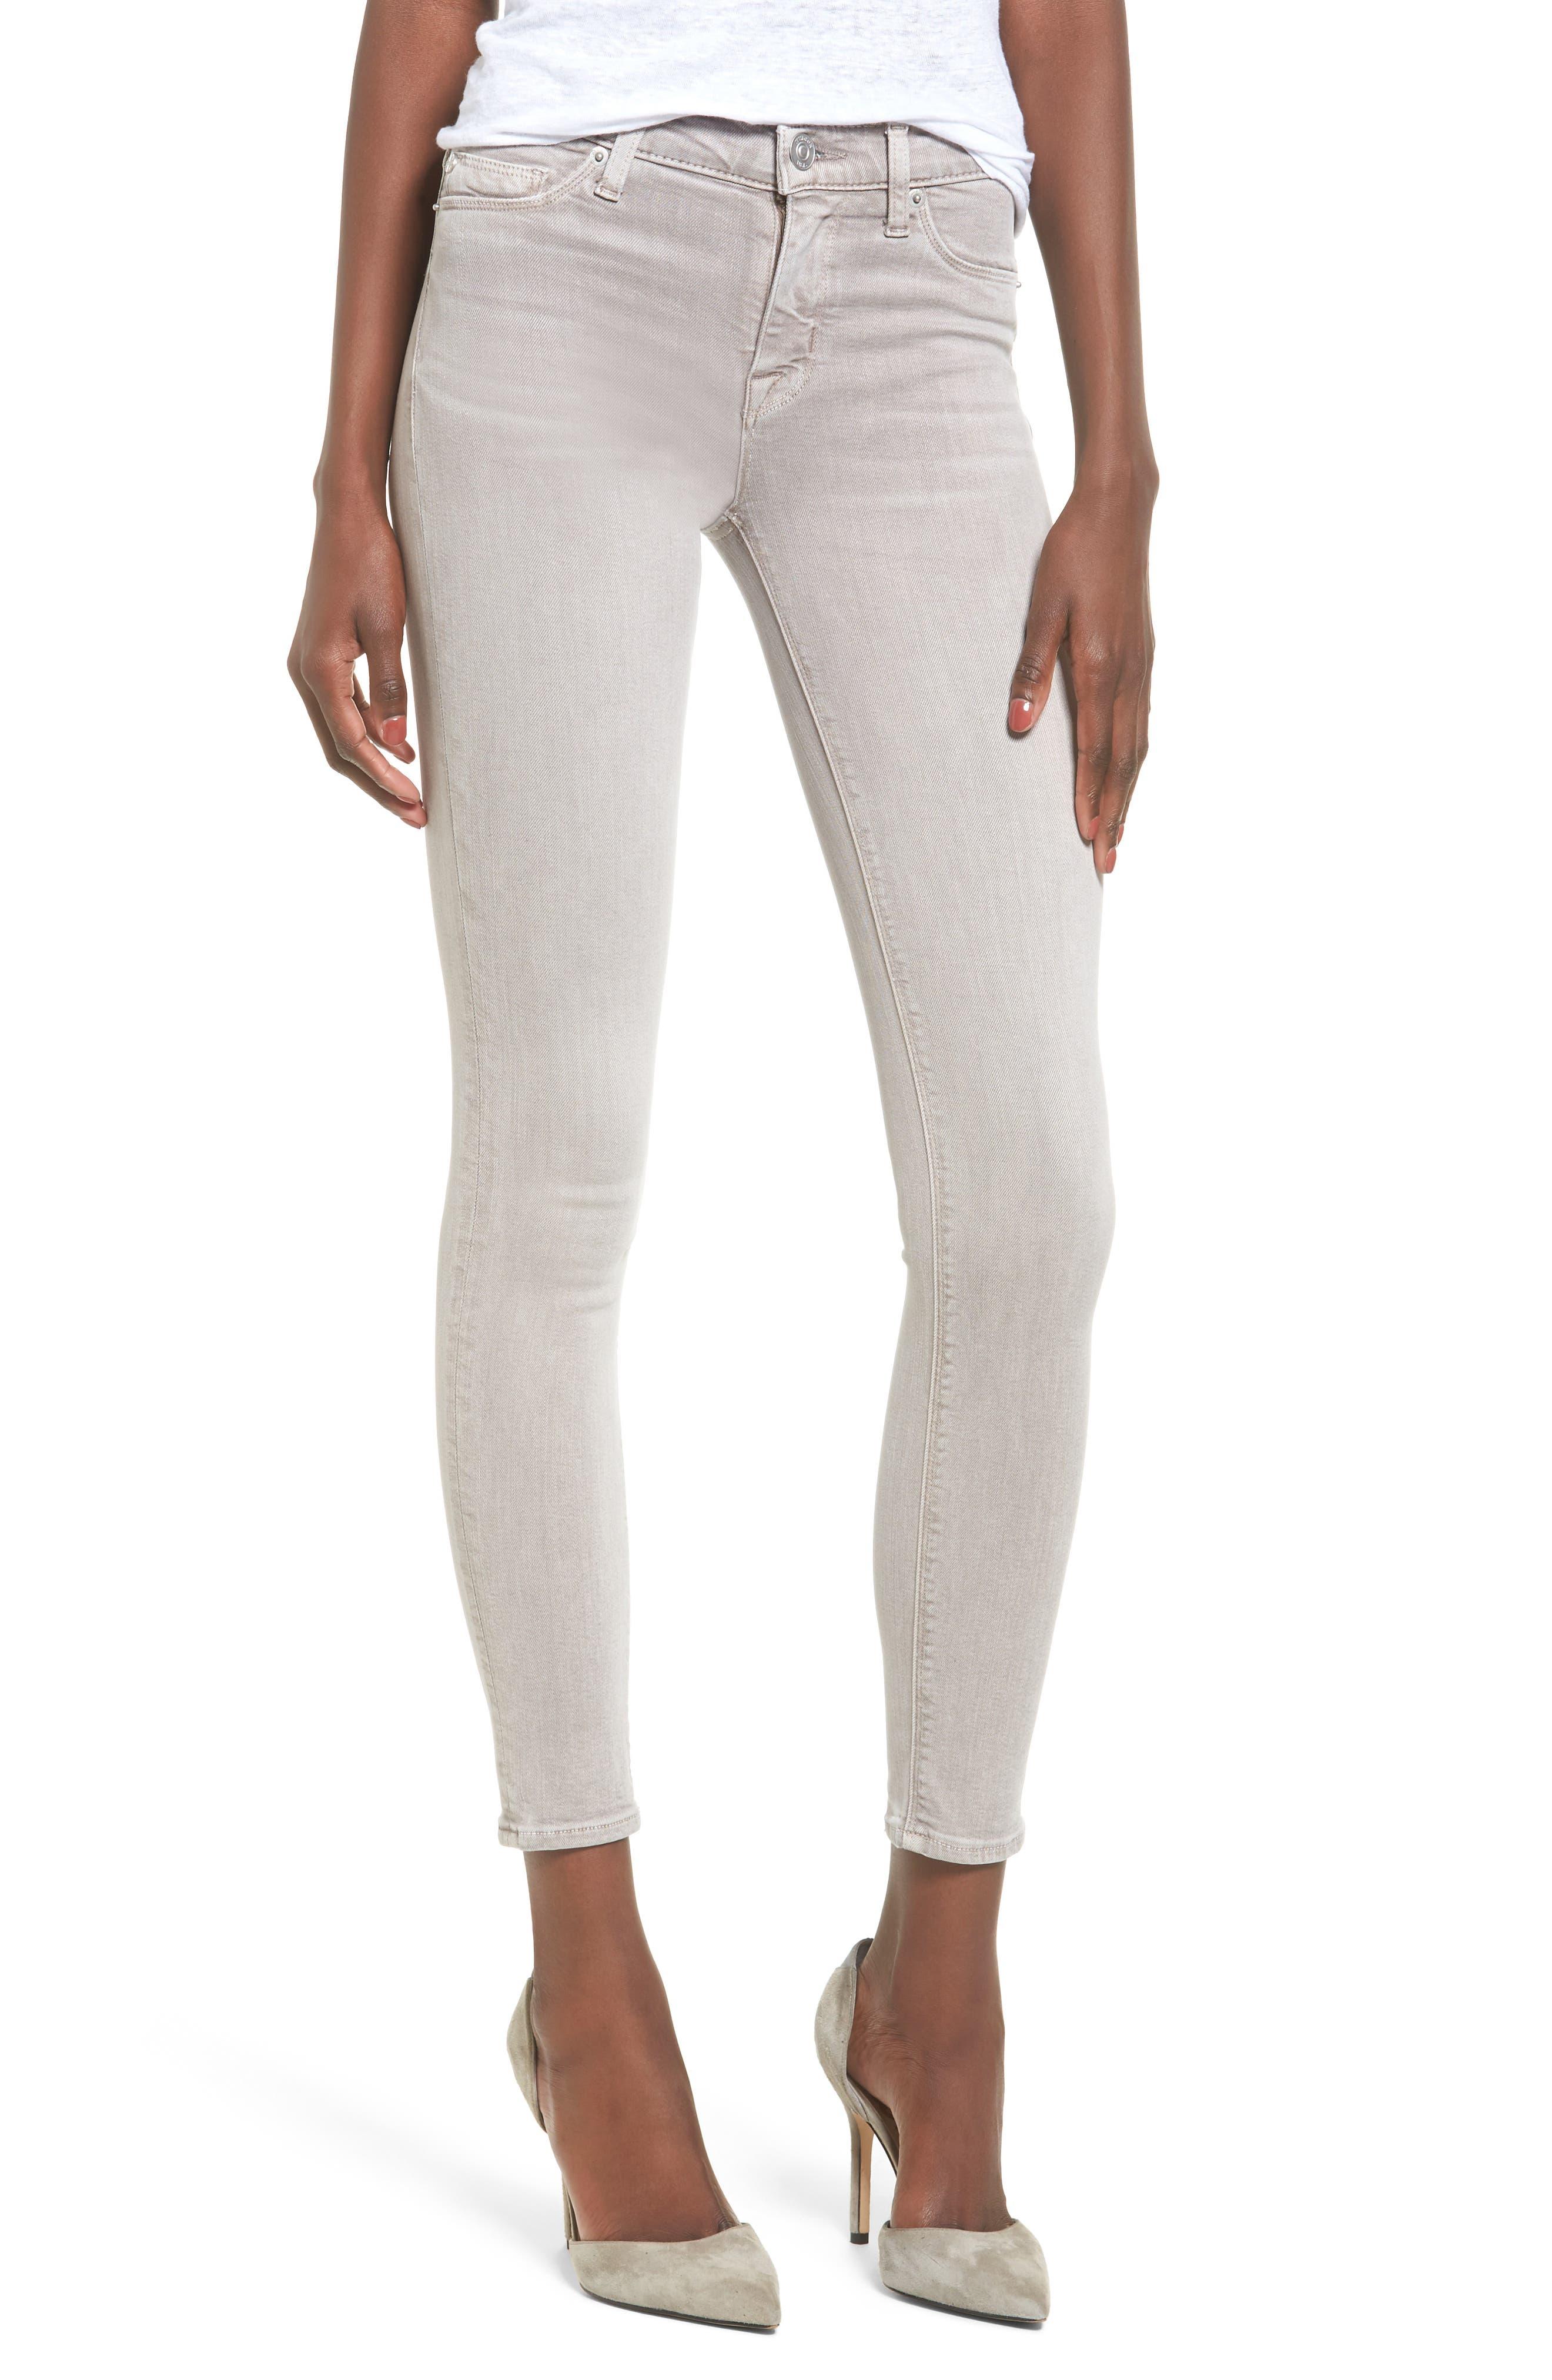 Hudson Jeans 'Nico' Ankle Skinny Jeans | Nordstrom